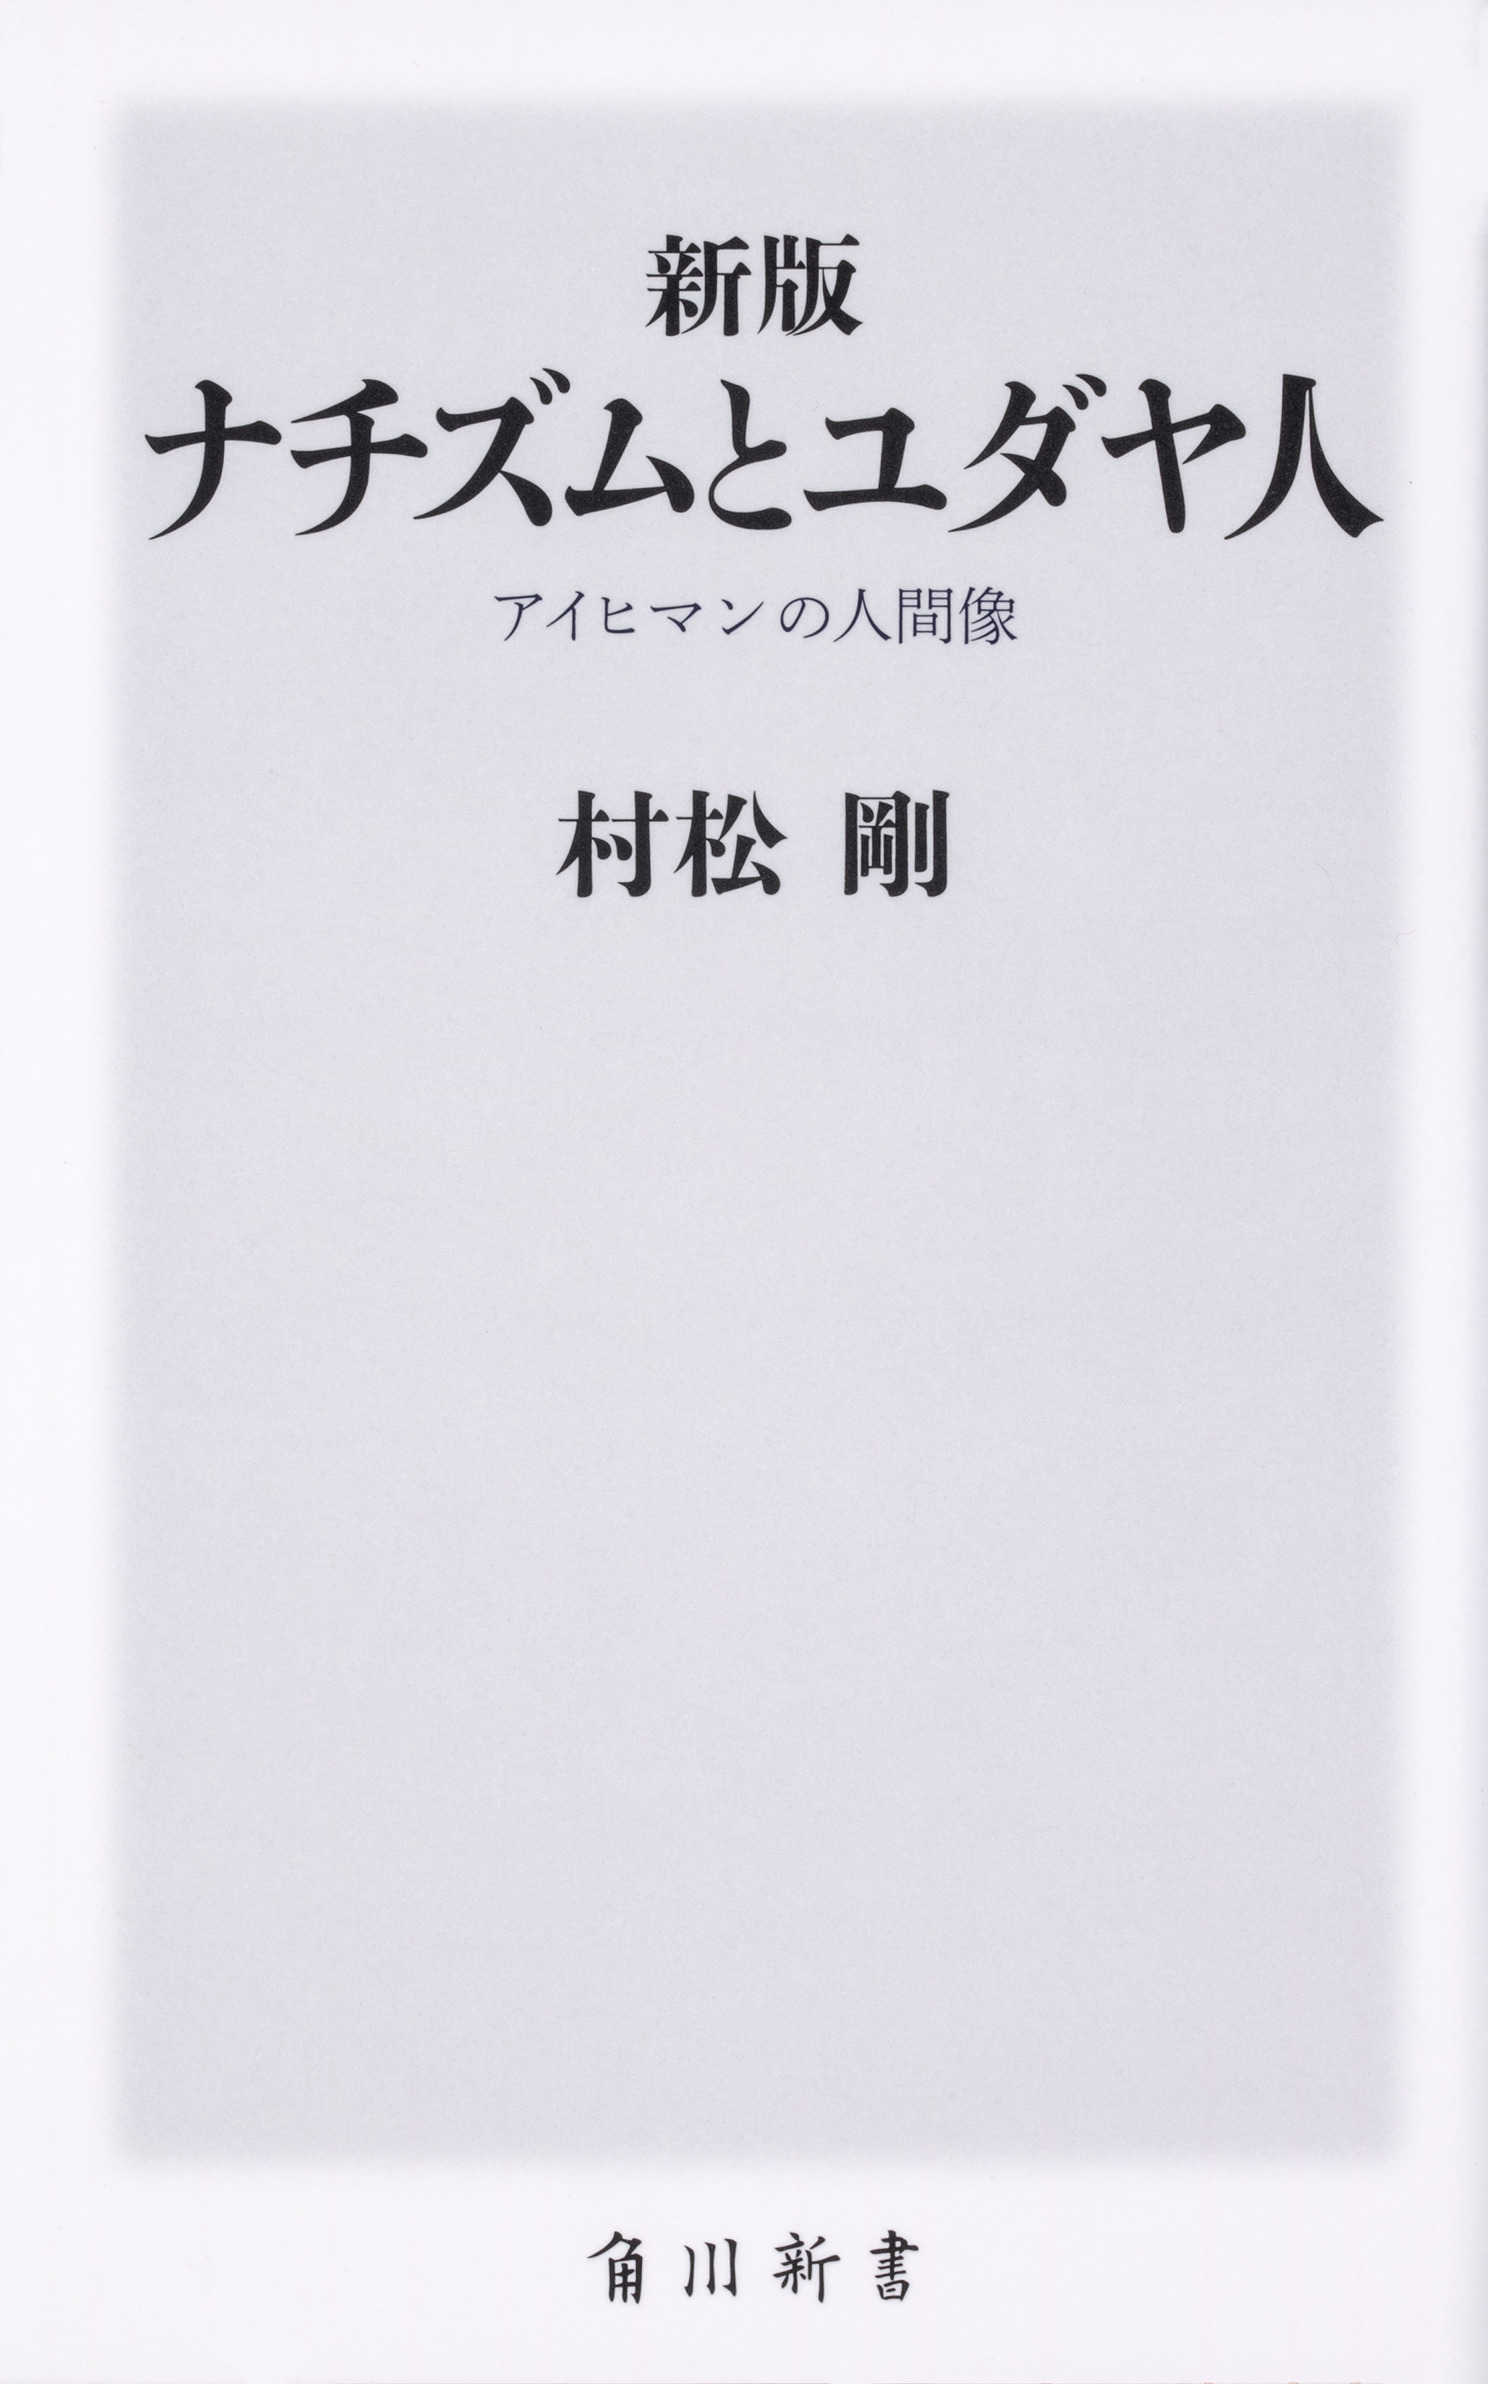 ナチズムとユダヤ人 新版 (角川新書)